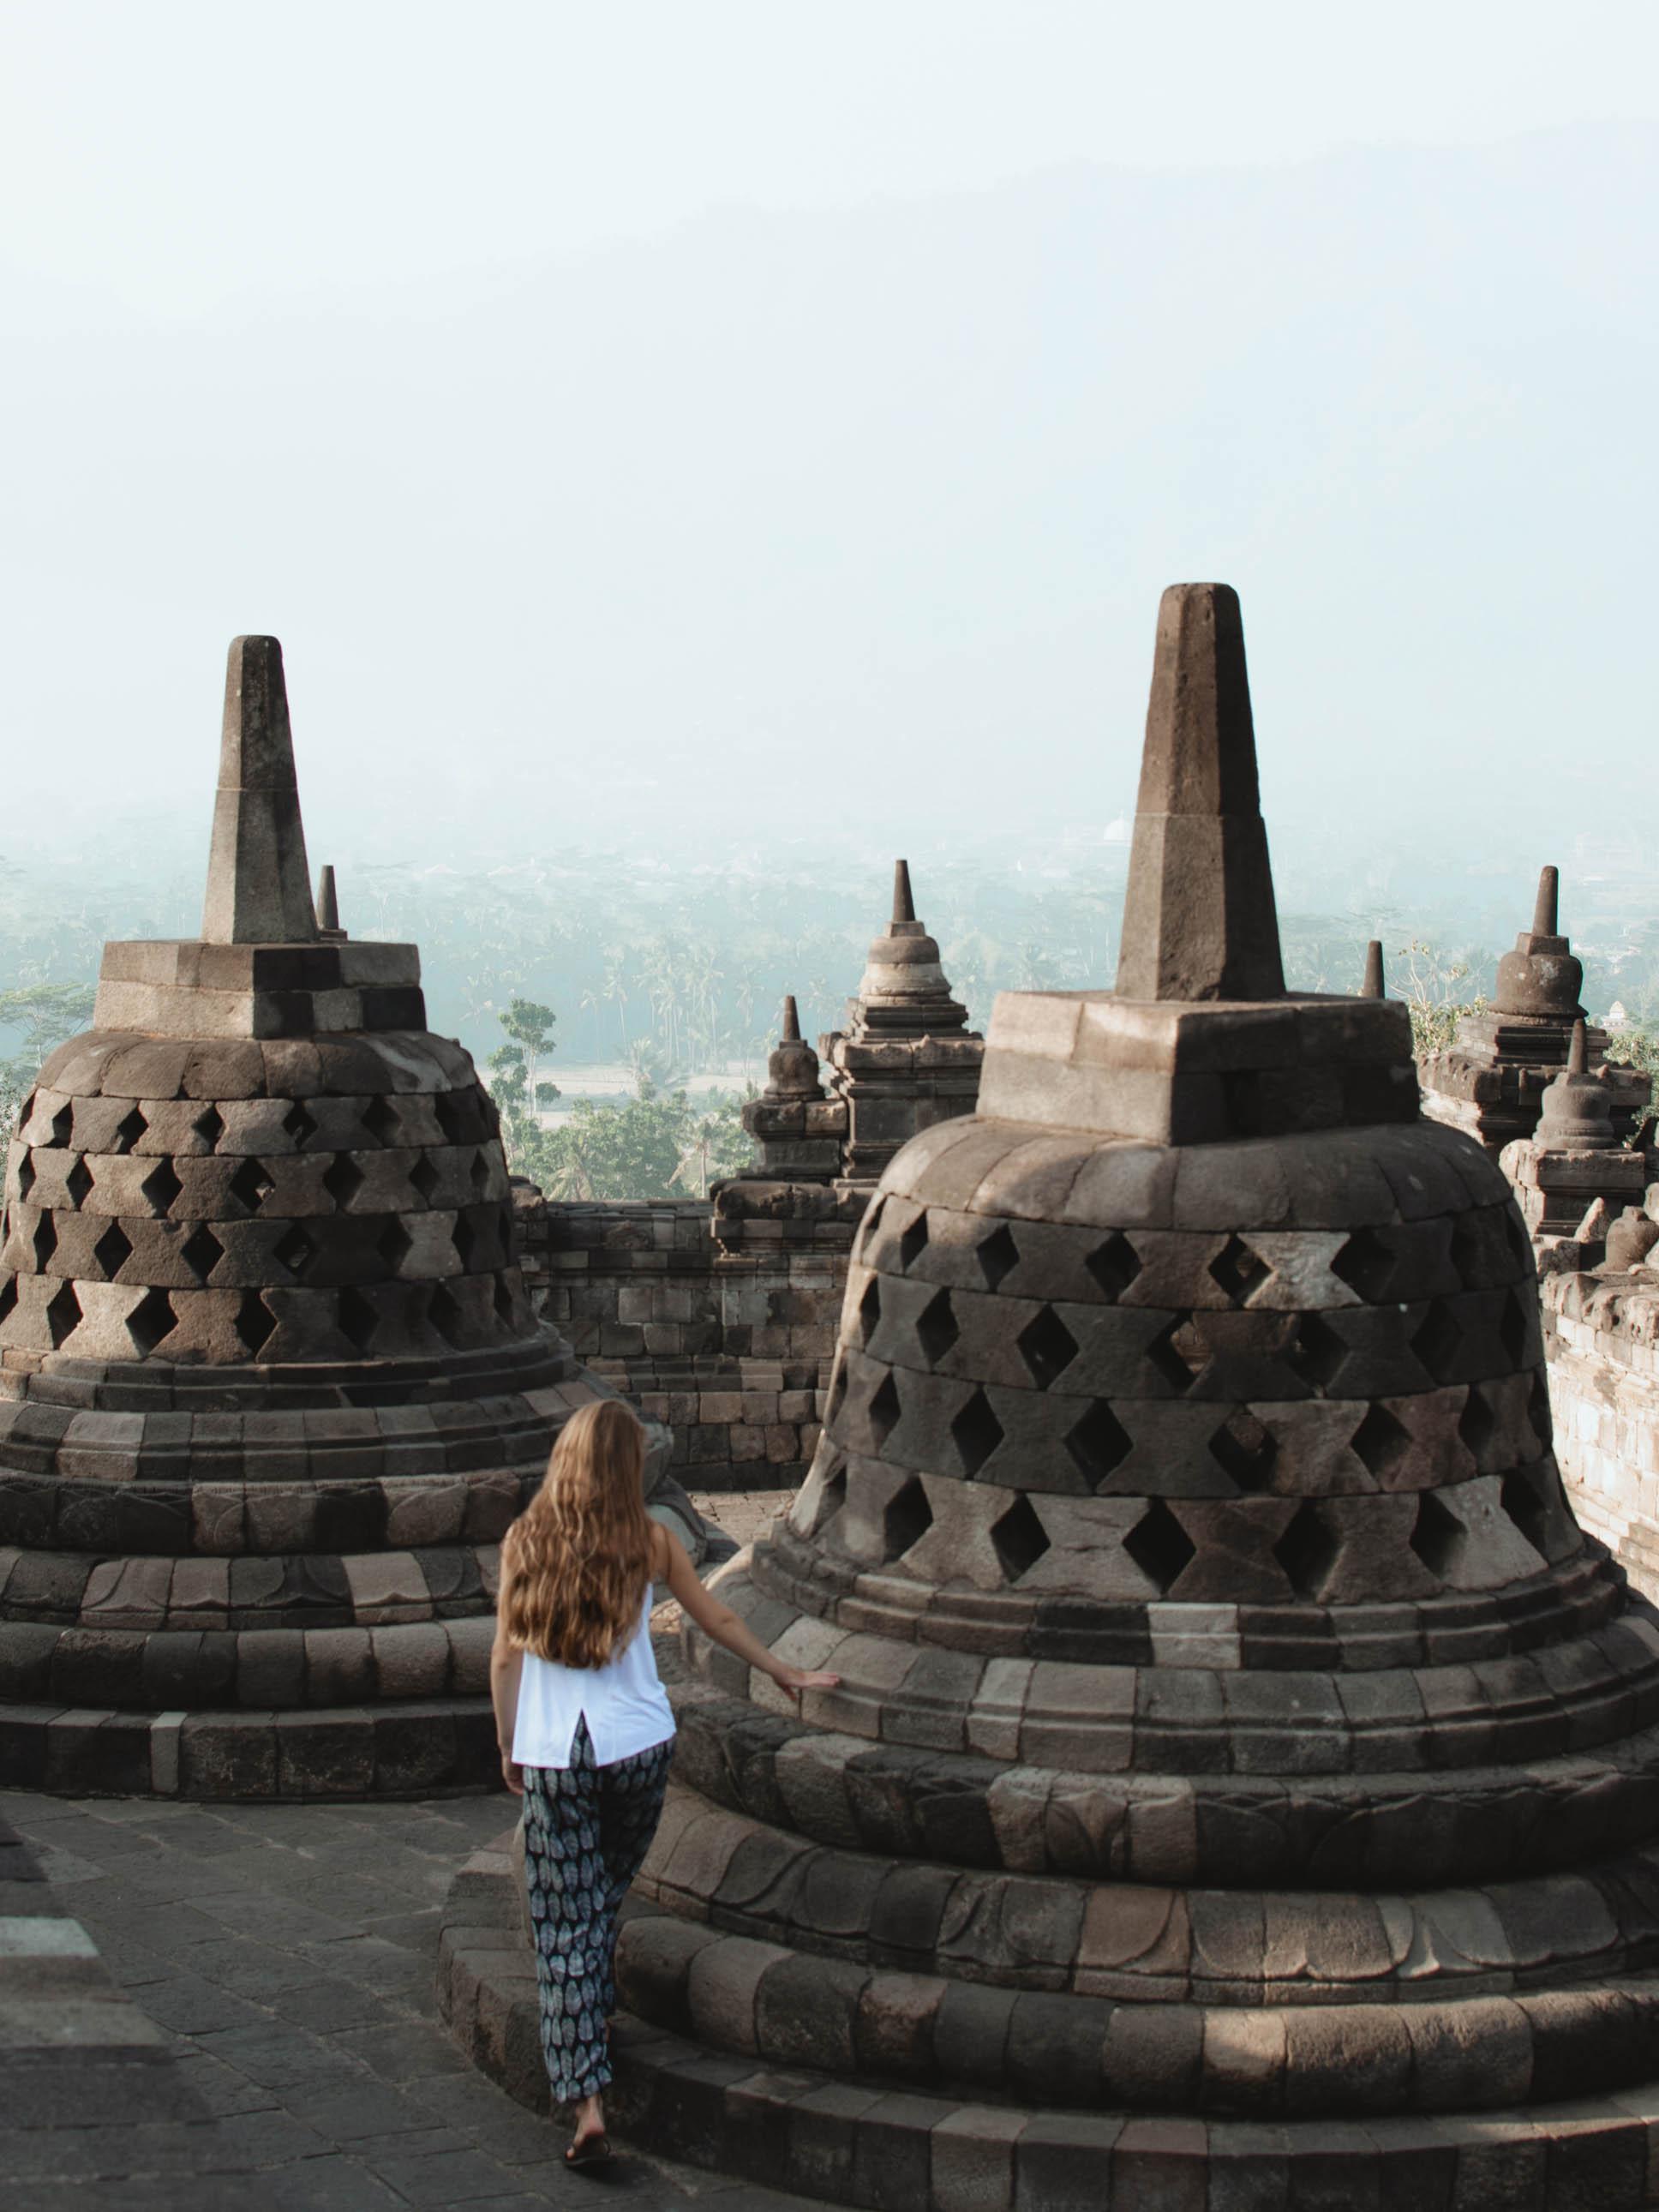 Exploring Borobudur temple in Yogyakarta, Indonesia